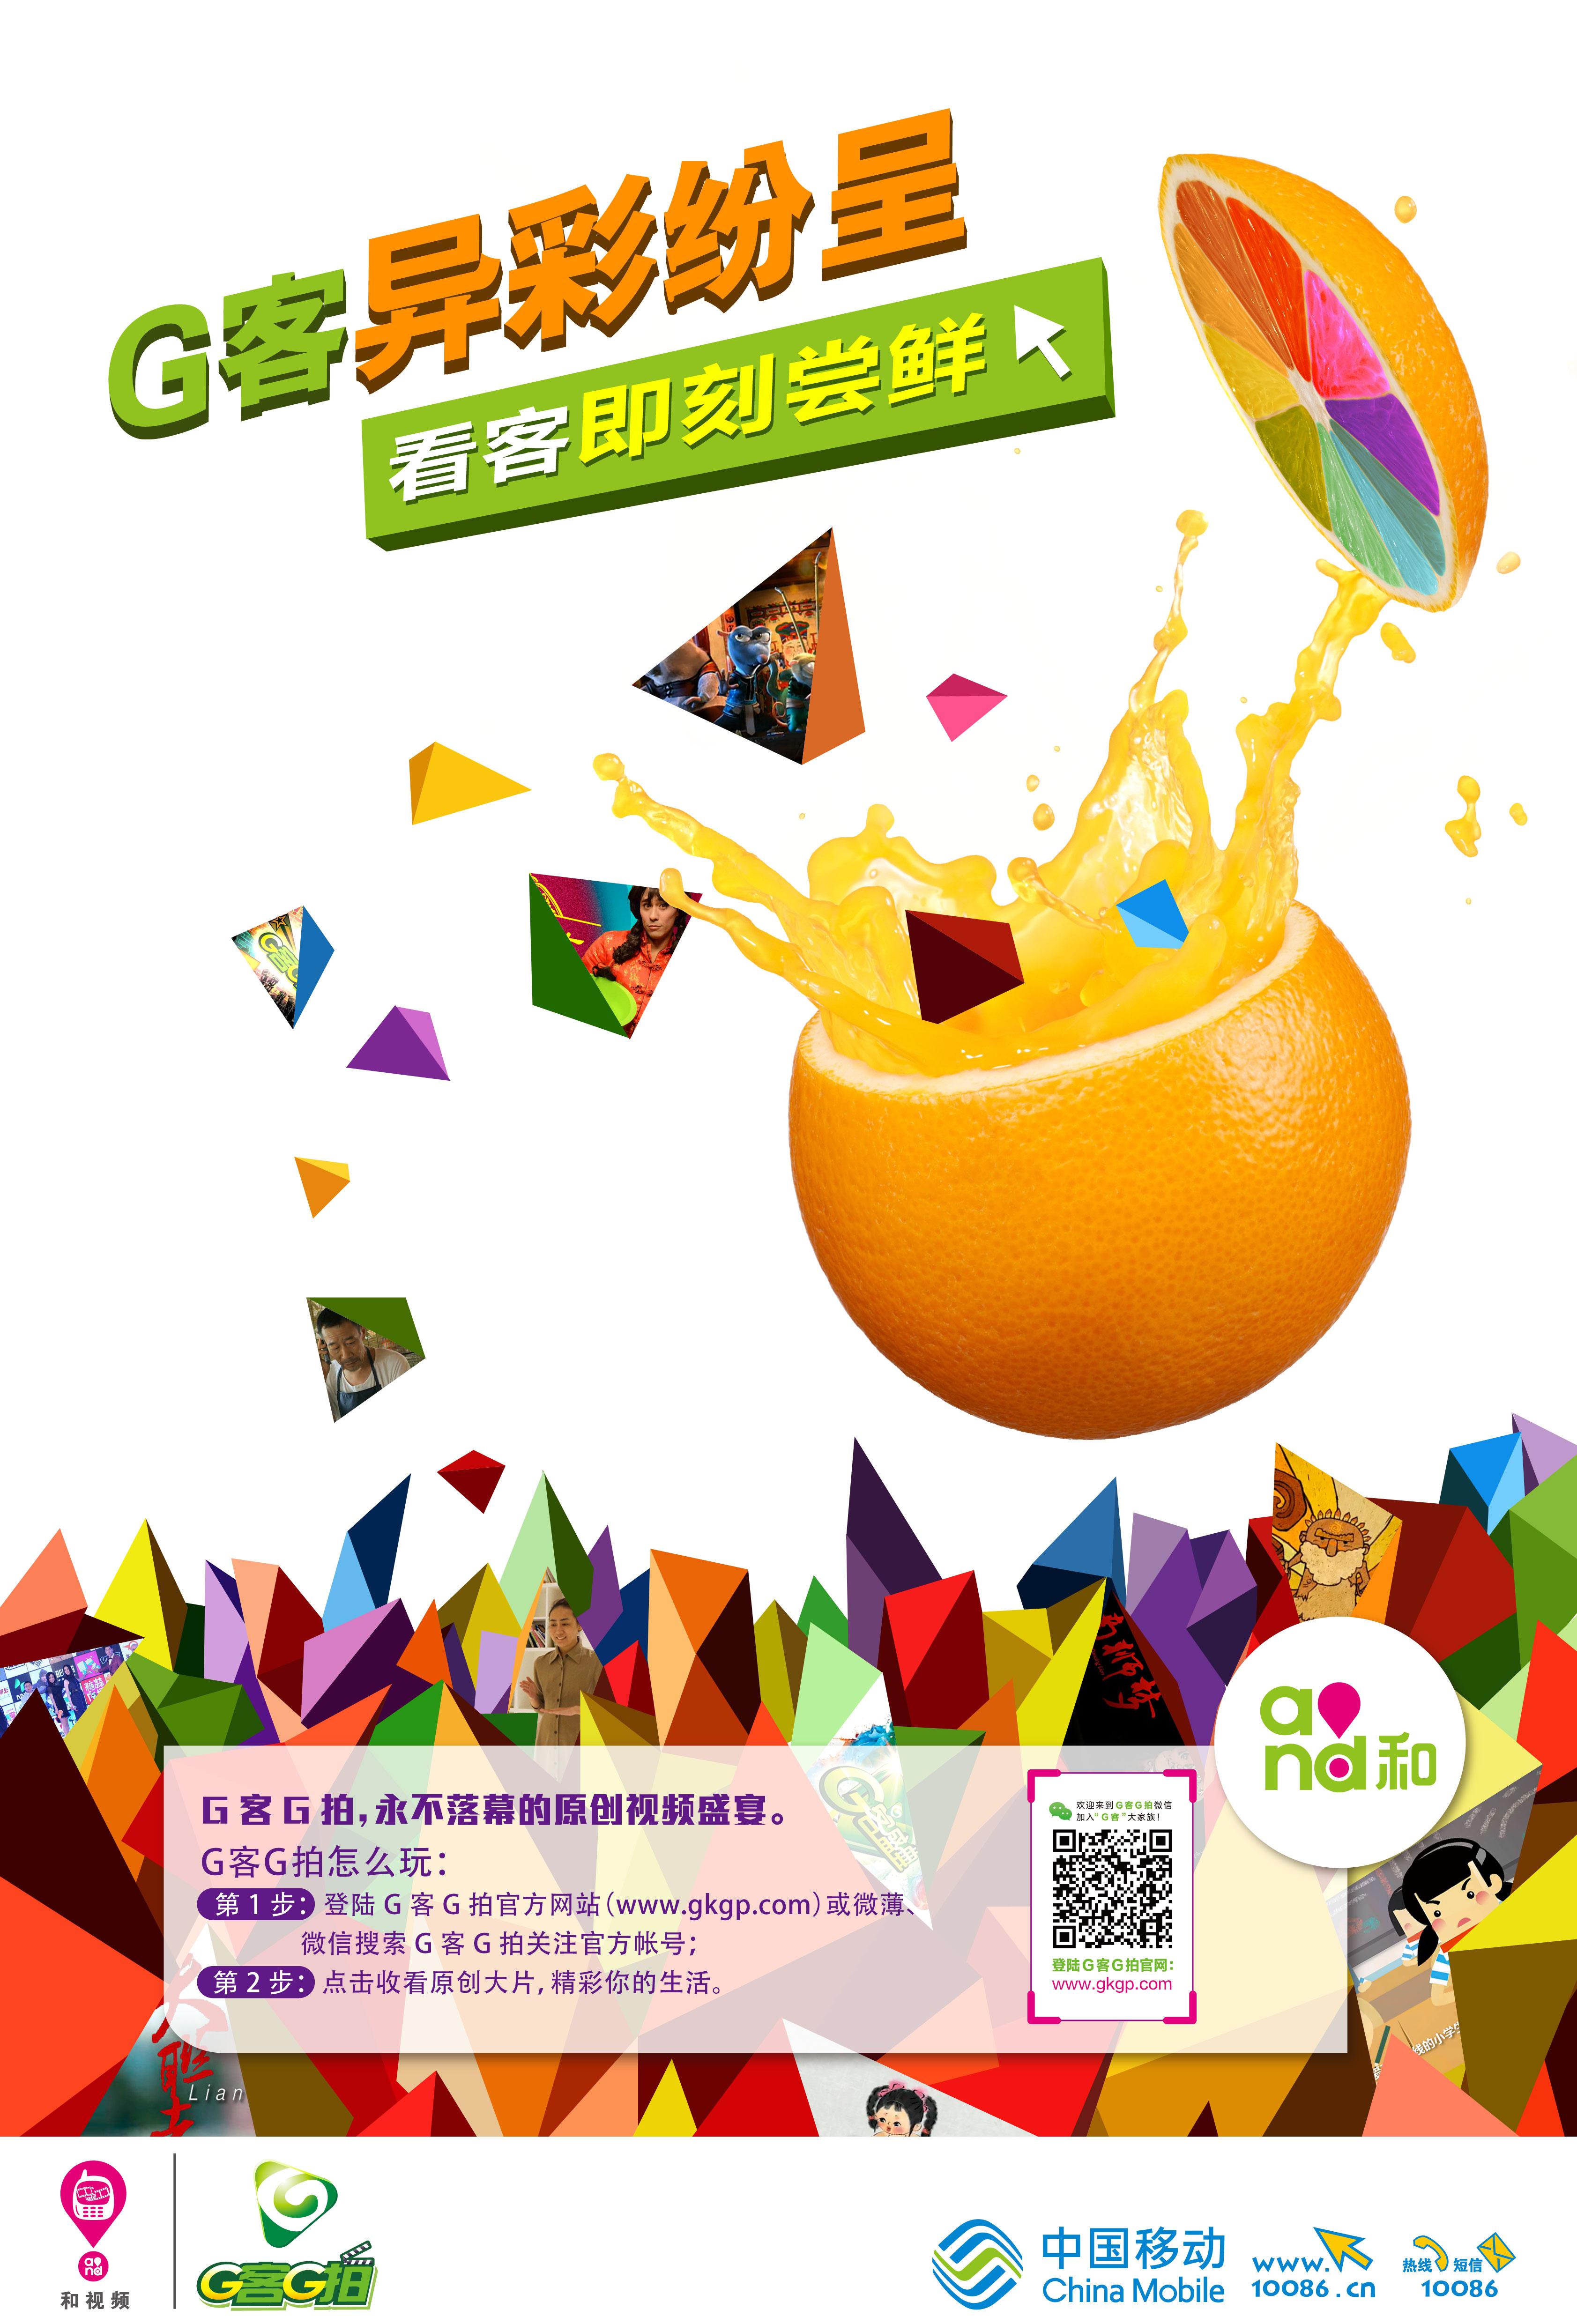 中国移动g拍g客宣传海报